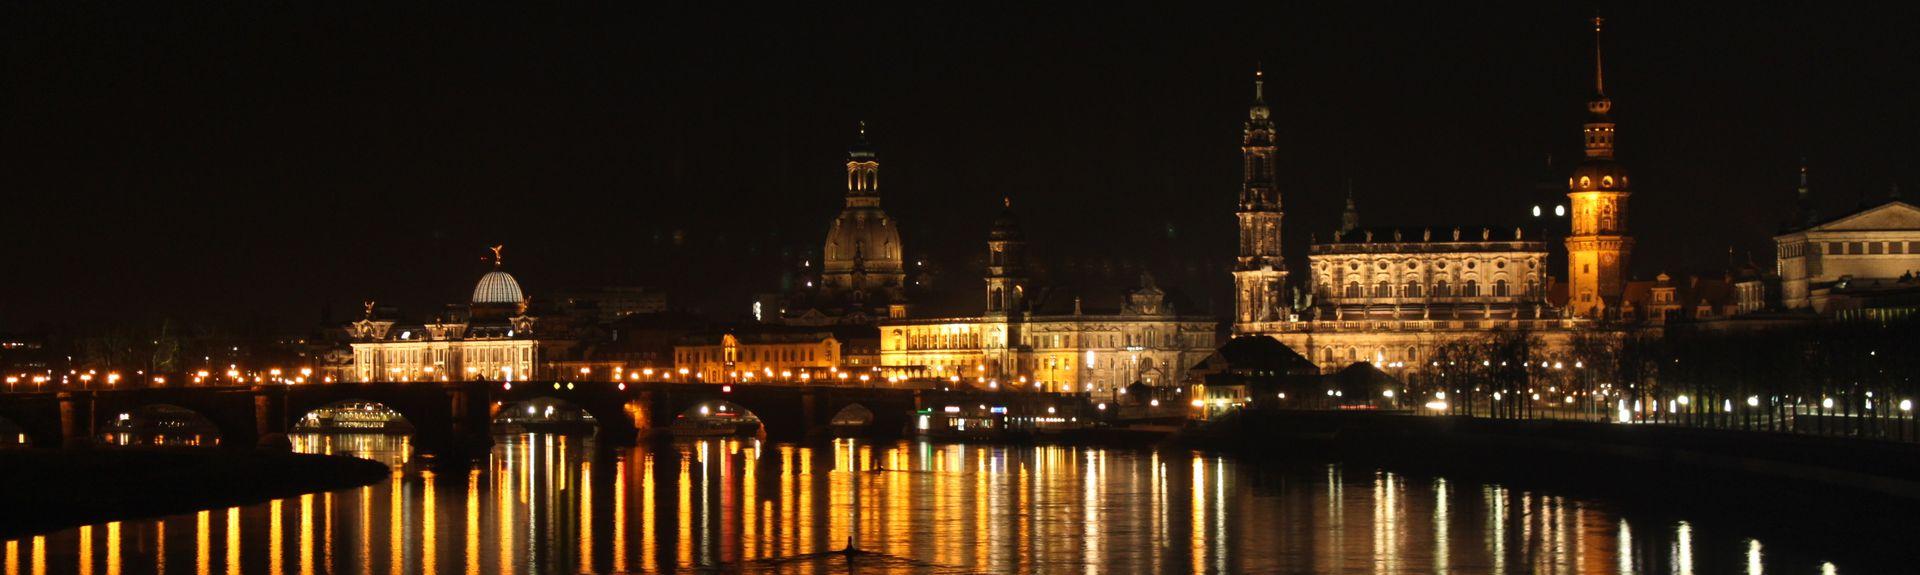 Hosterwitz, Dresden, Sachsen, Deutschland